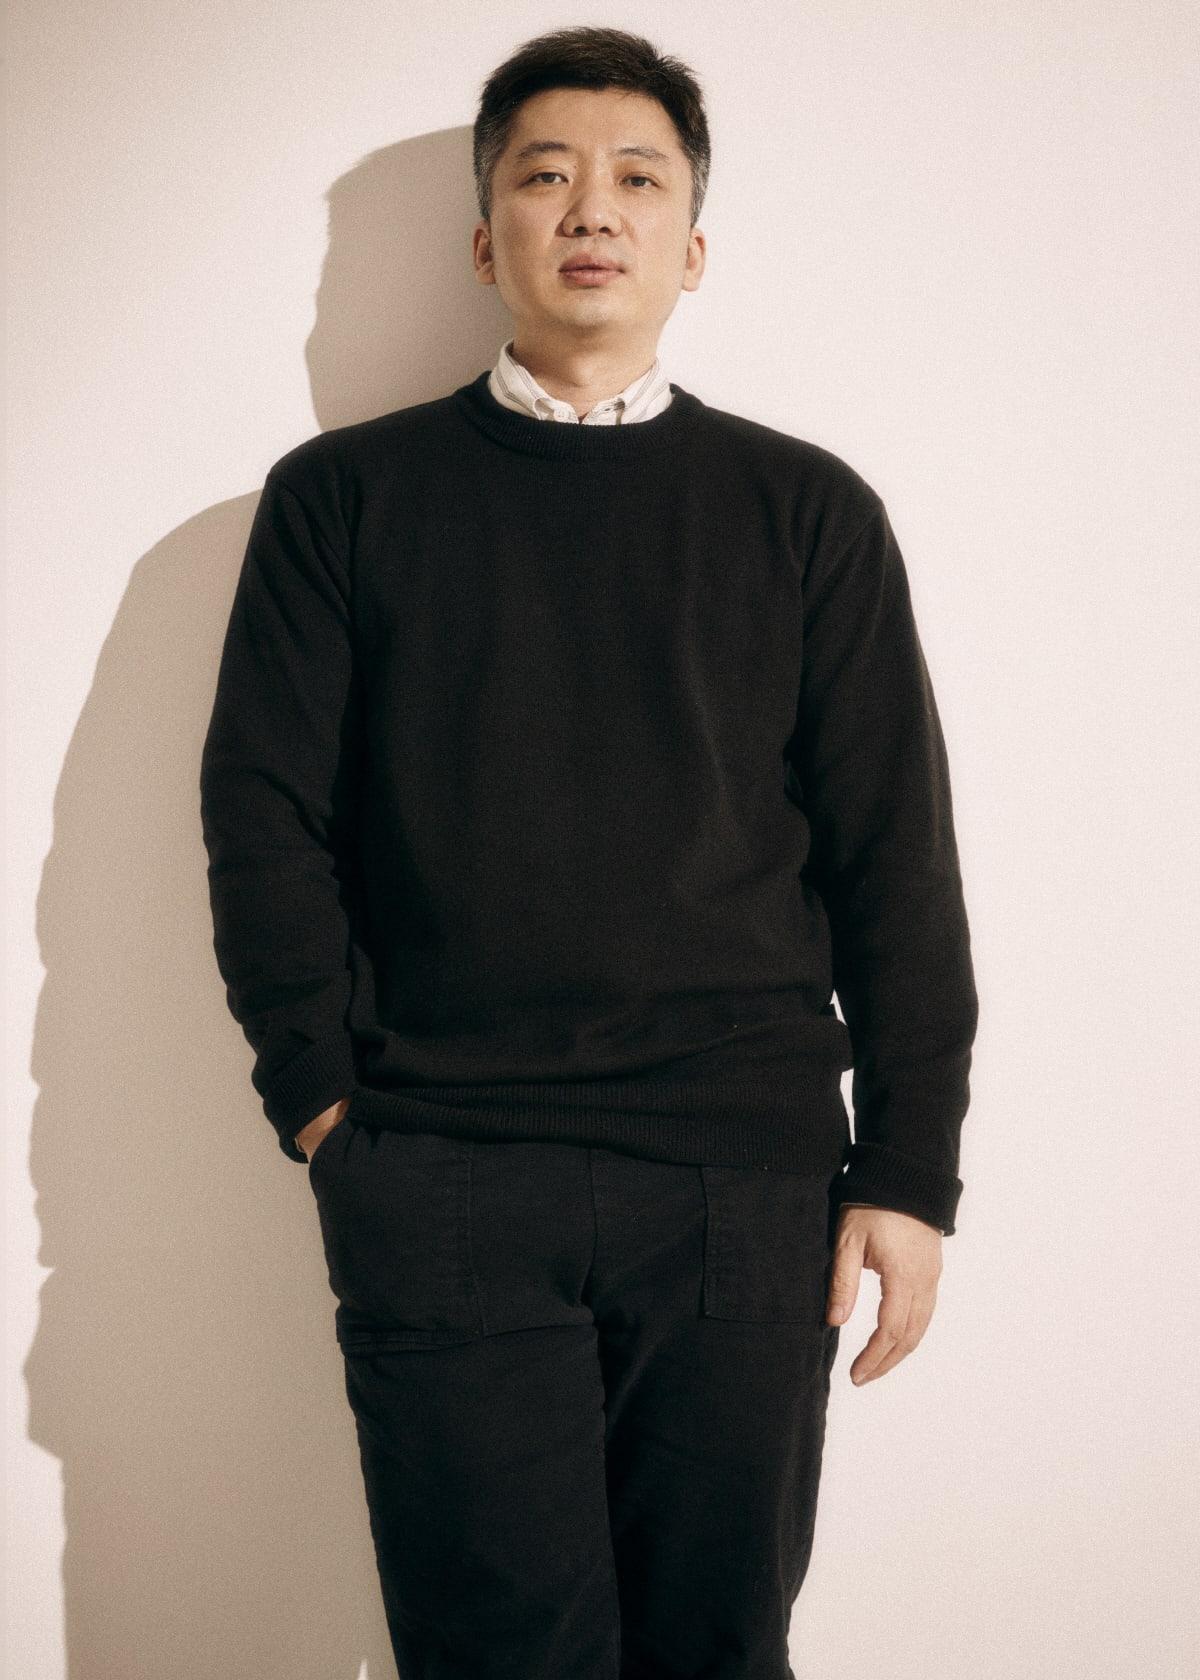 jo-sung-hee2